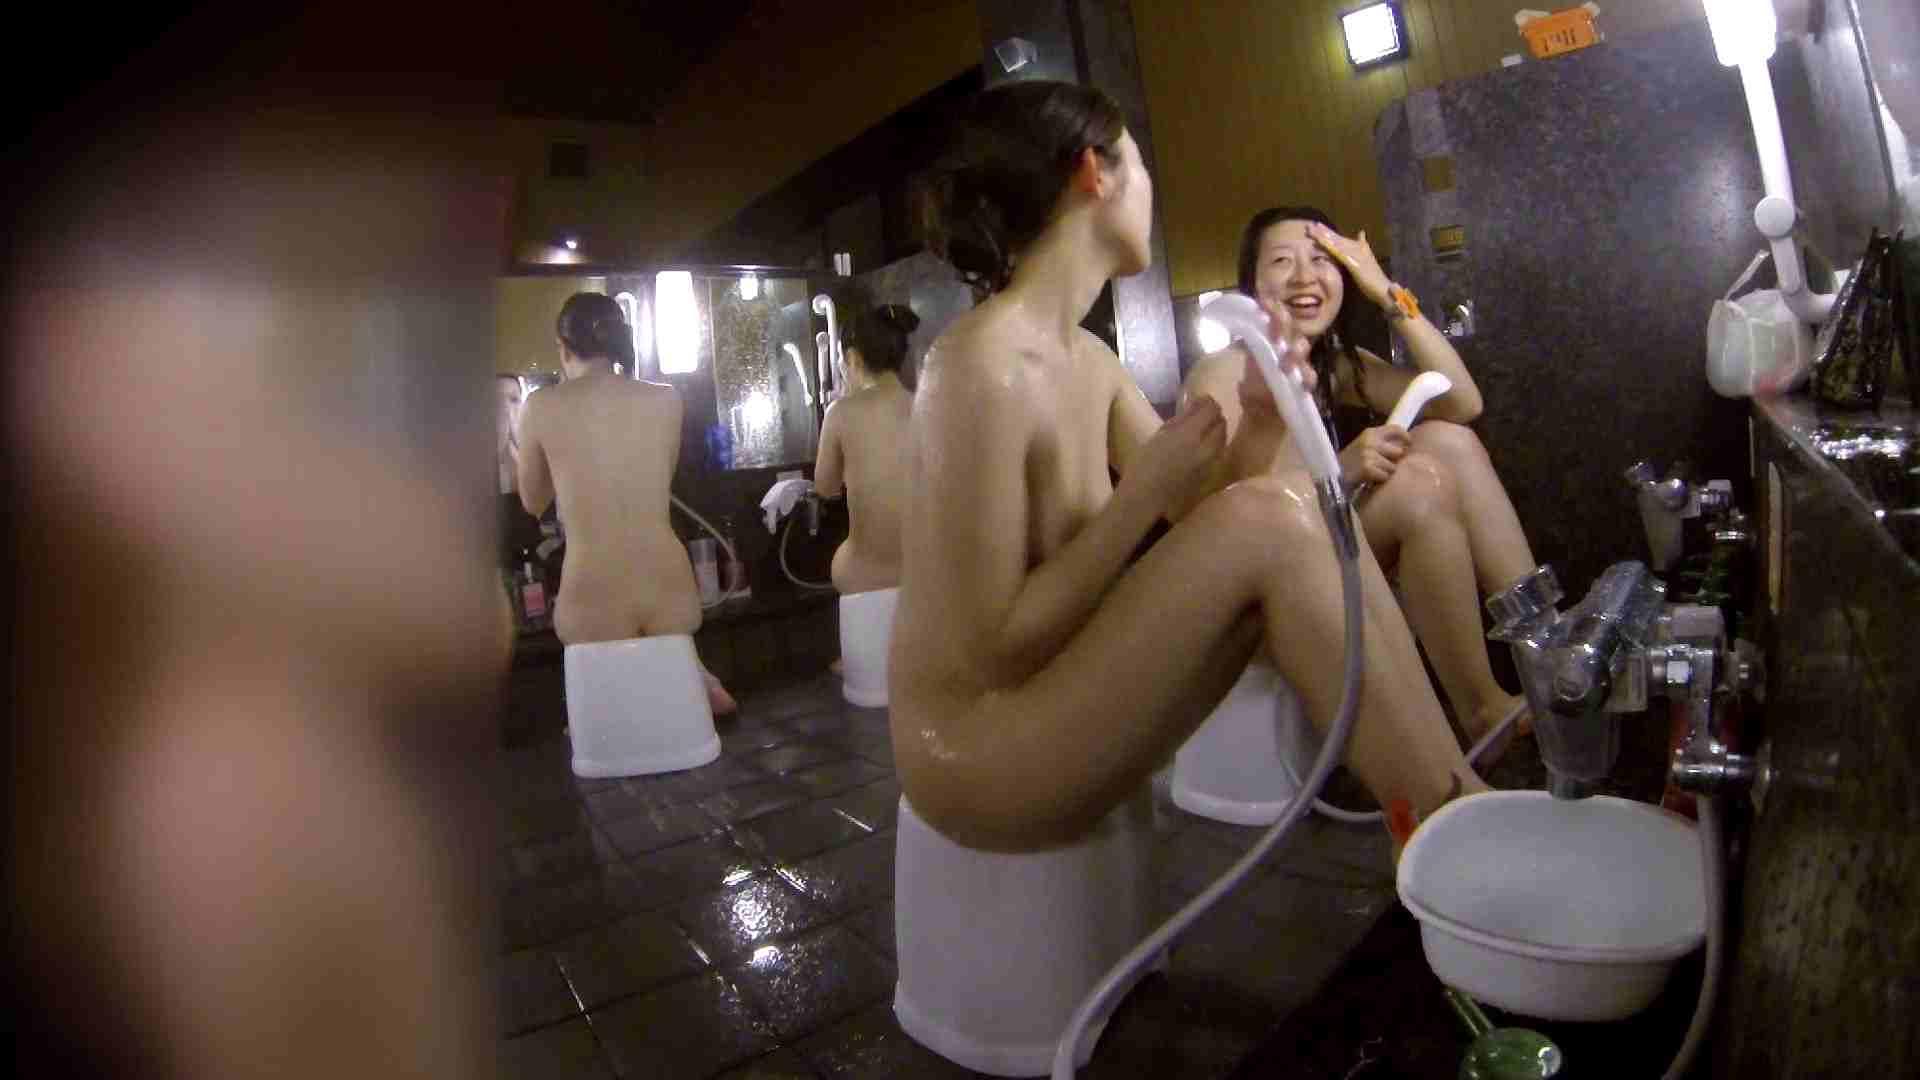 ハメ撮り|洗い場!地味目の女の子2人組。ずっと話しながら洗ってます。|怪盗ジョーカー